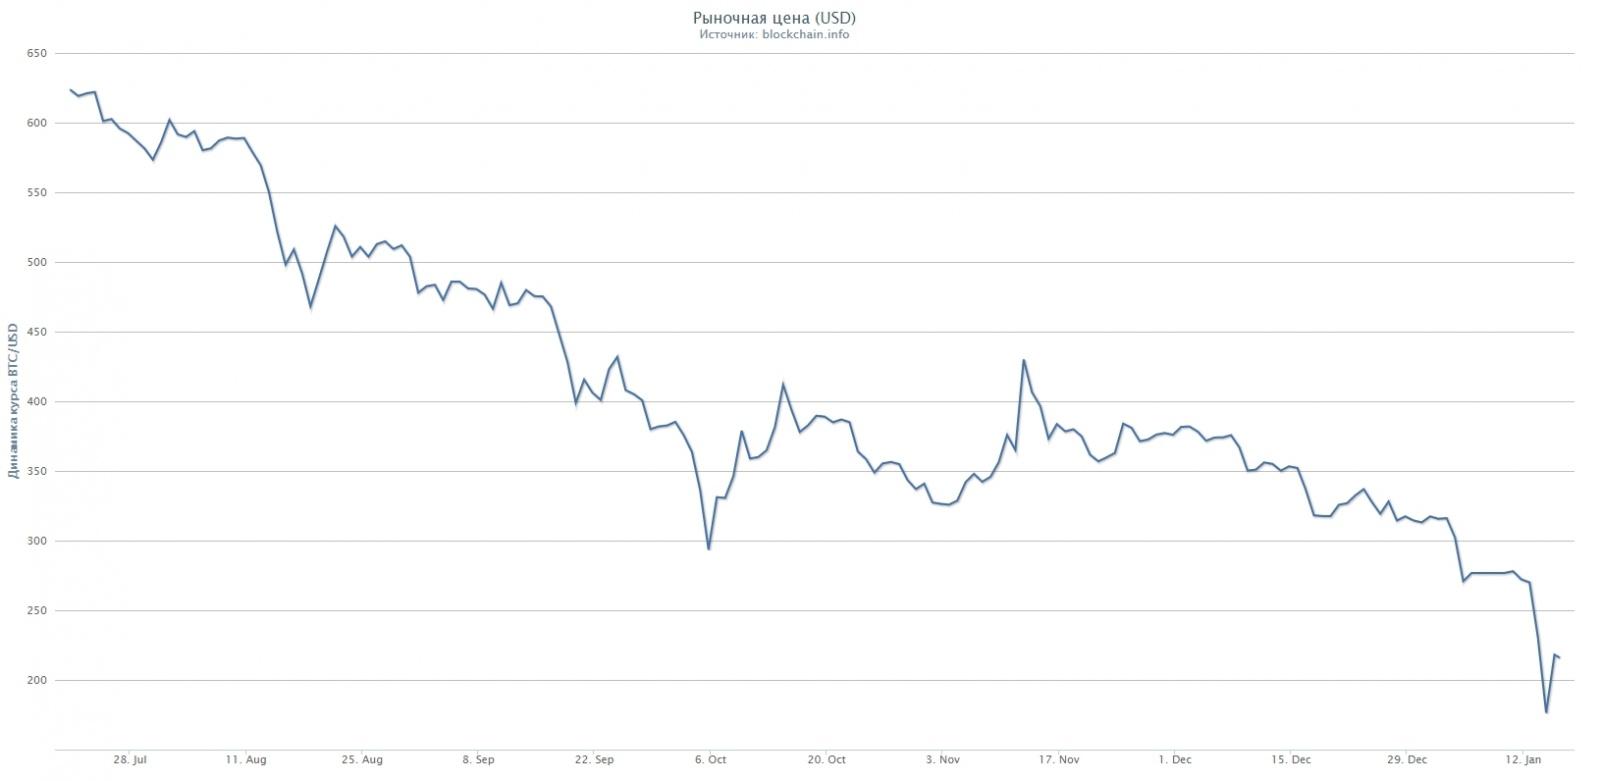 Инвестируем в самый неприбыльный актив 2014 года. Опыт работы на площадке P2P-кредитования BTCJam.com - 1